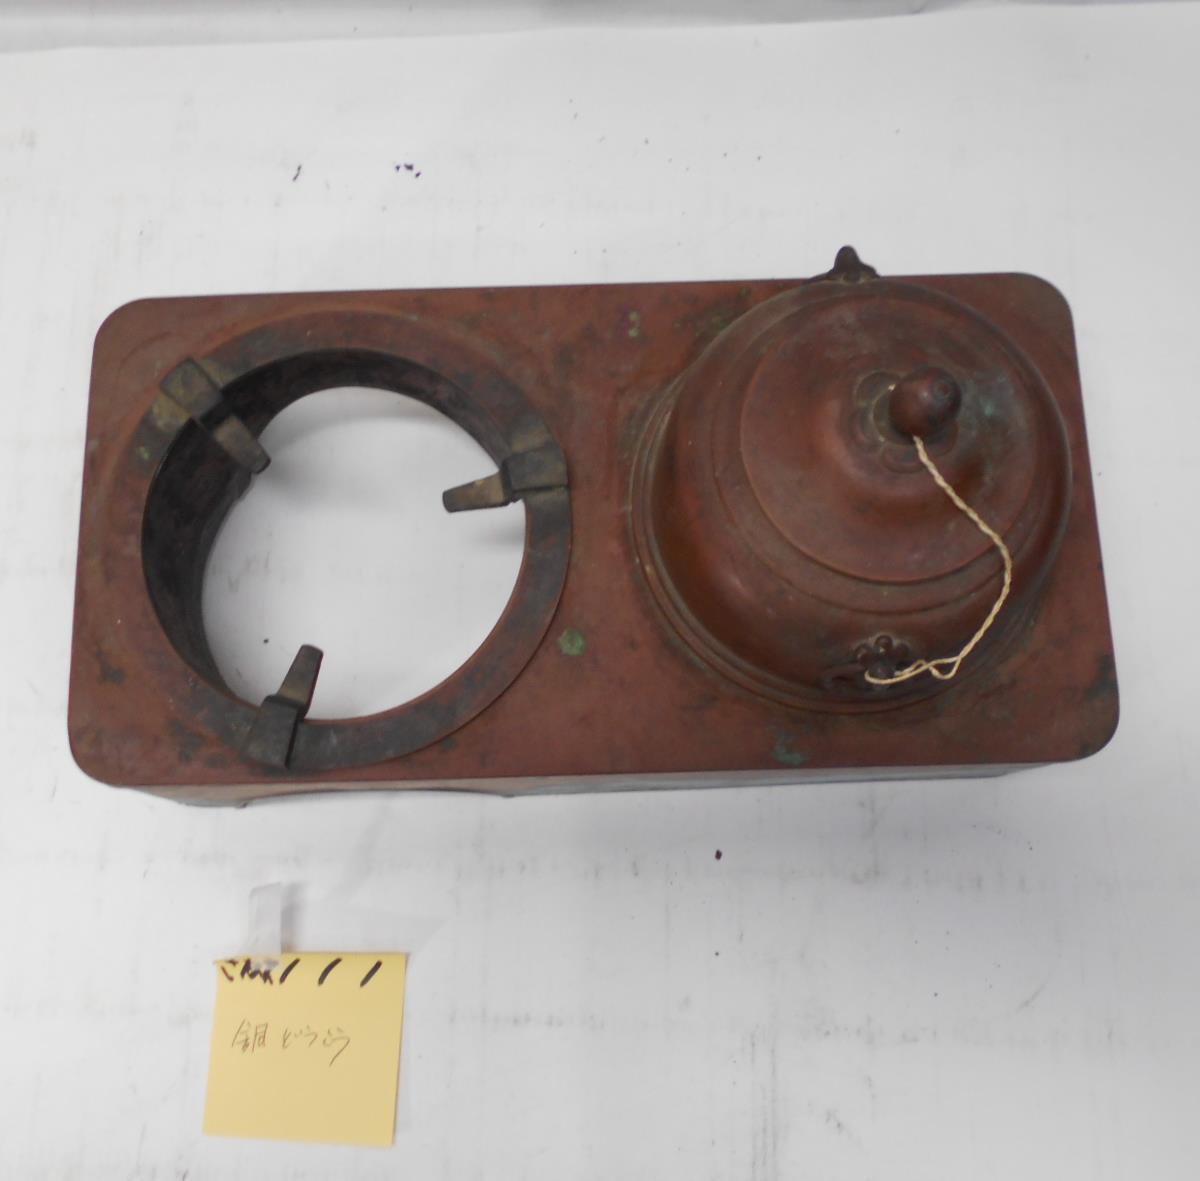 さなえ111 時代 銅製 どうこう 鉄瓶かけ 酒燗入れ 箱火鉢用 古道具 越前蔵うぶ出し _画像3